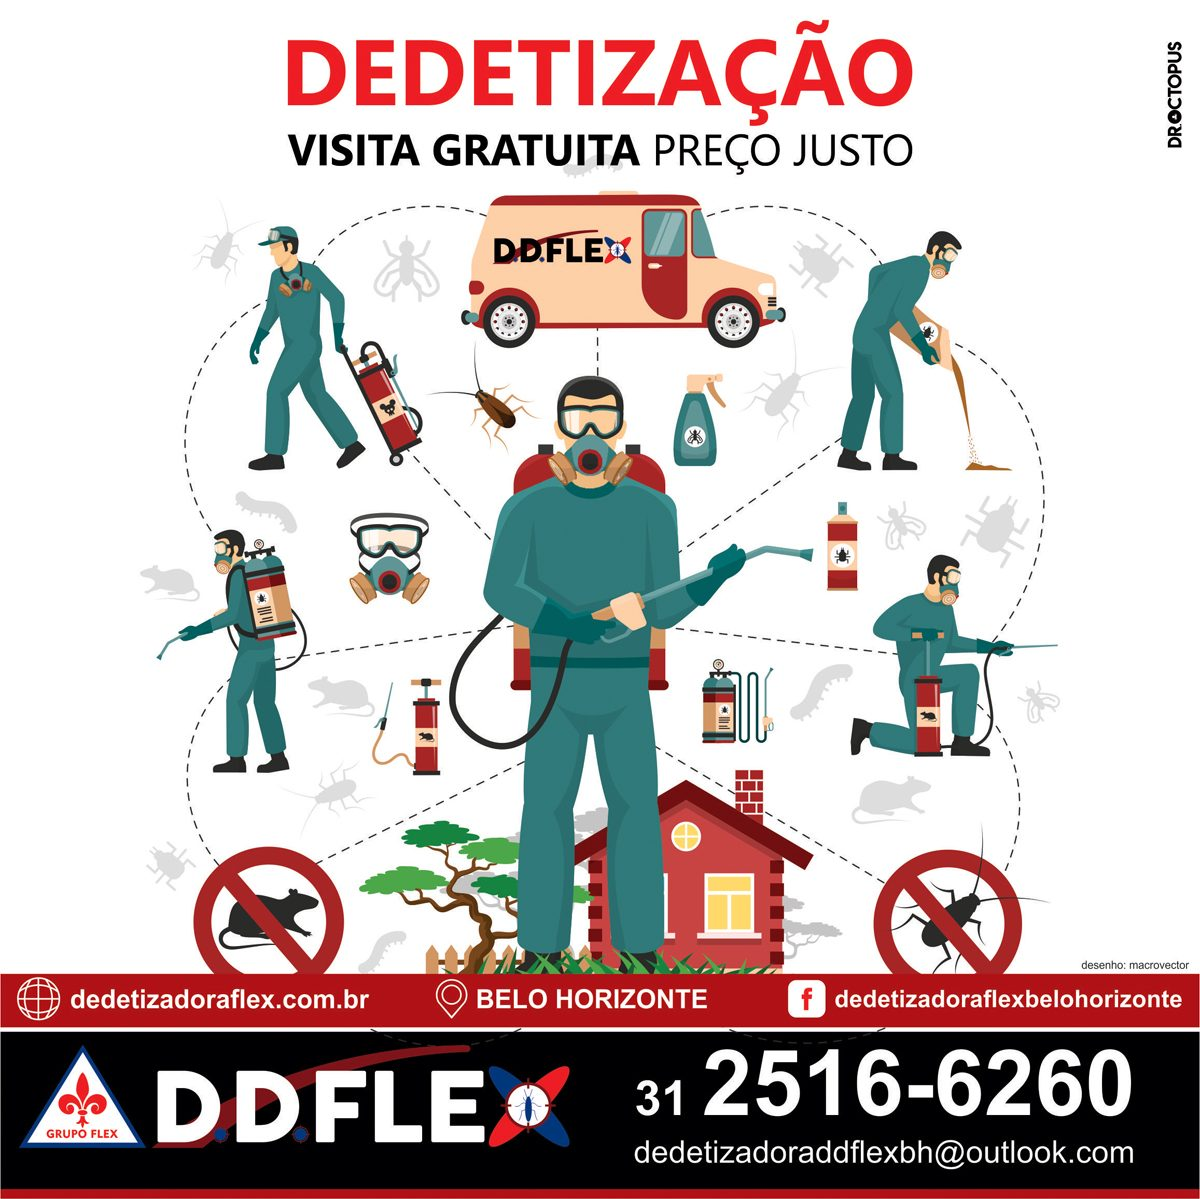 ddflex-BH-dede